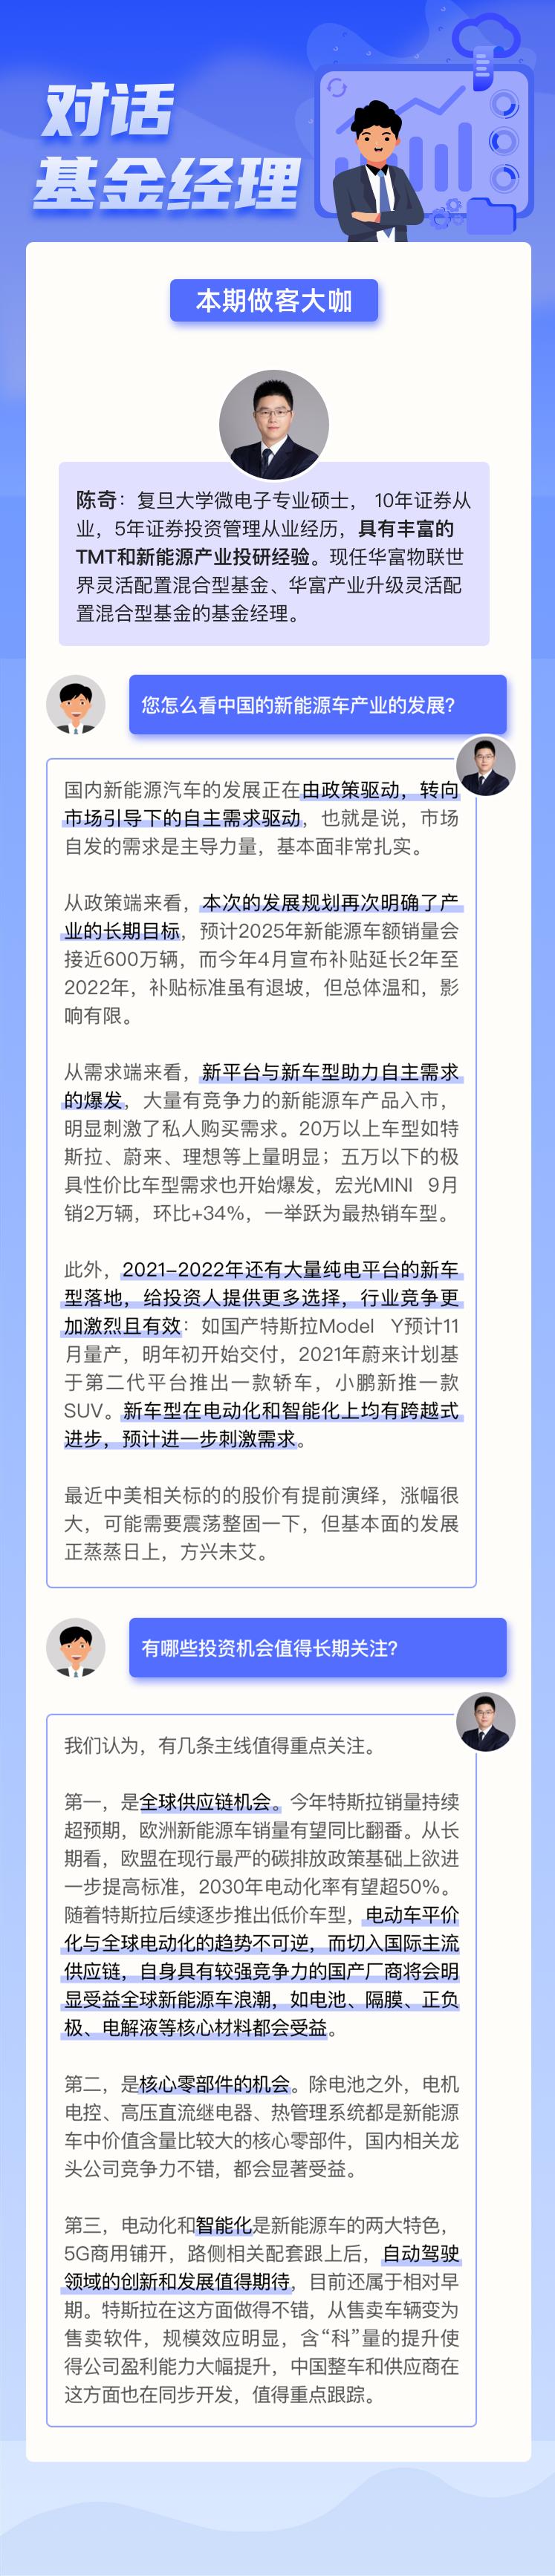 华富基金陈奇:新能源车正由政策驱动转向市场引导下的自主需求驱动